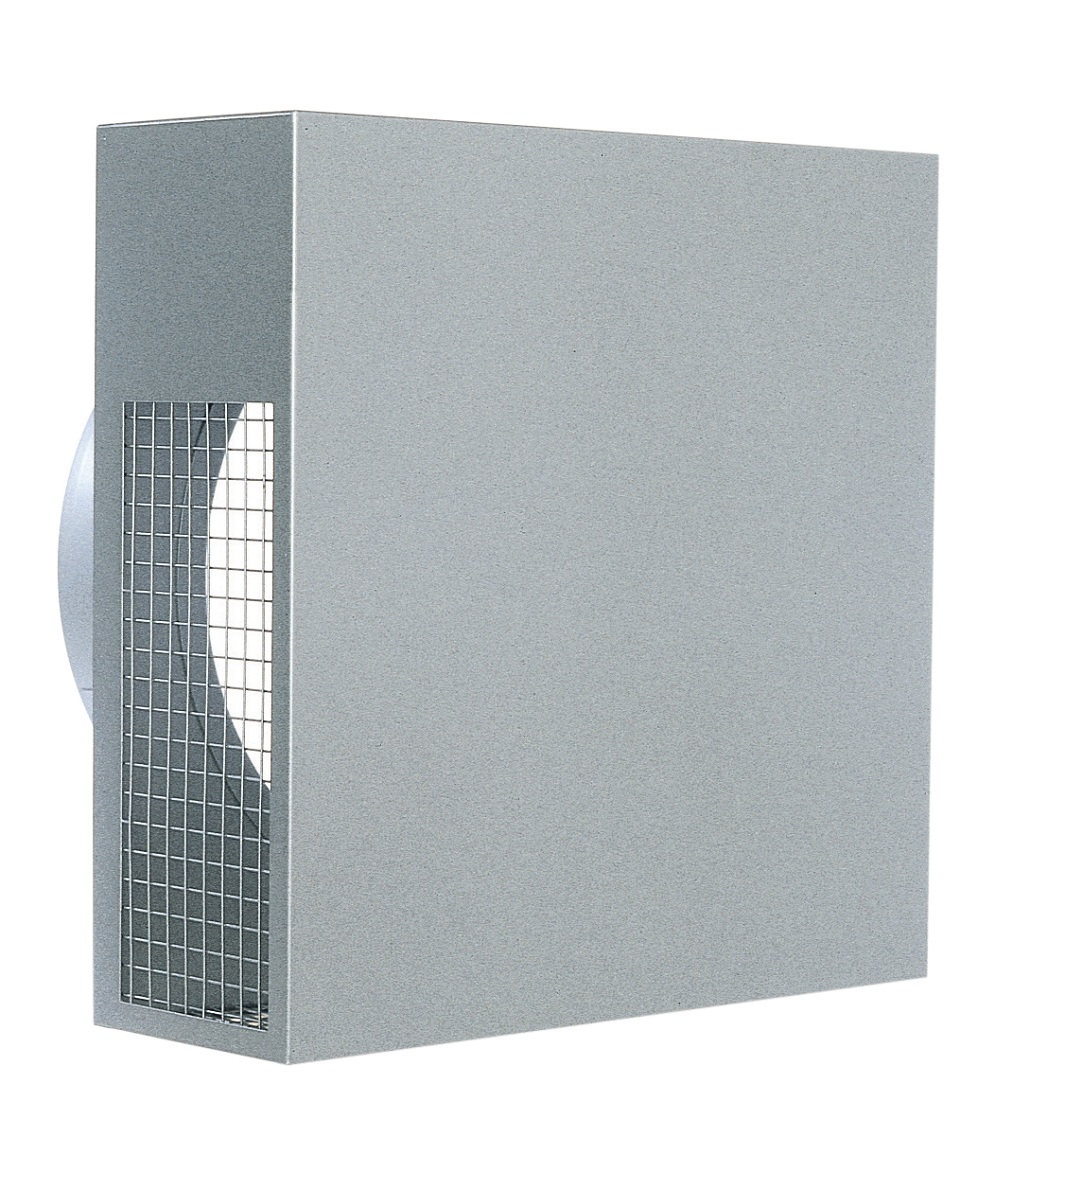 西邦工業 SEIHO KKN250S 外壁用ステンレス製換気口 (パイプフード) 金網型4メッシュ 低圧損